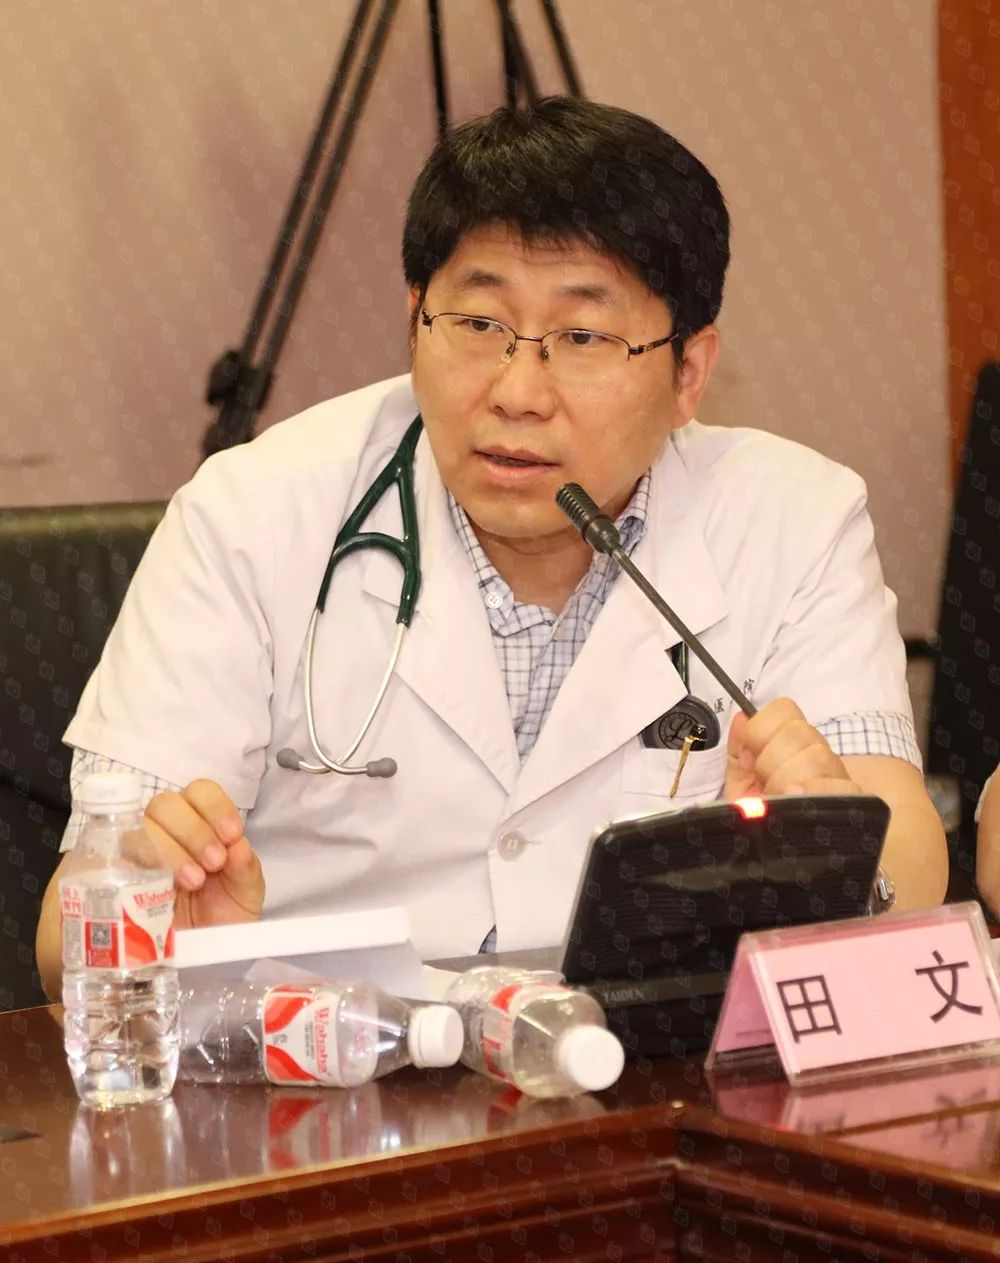 中国医科大学附属第一医院老年病学主任田文教授发言。